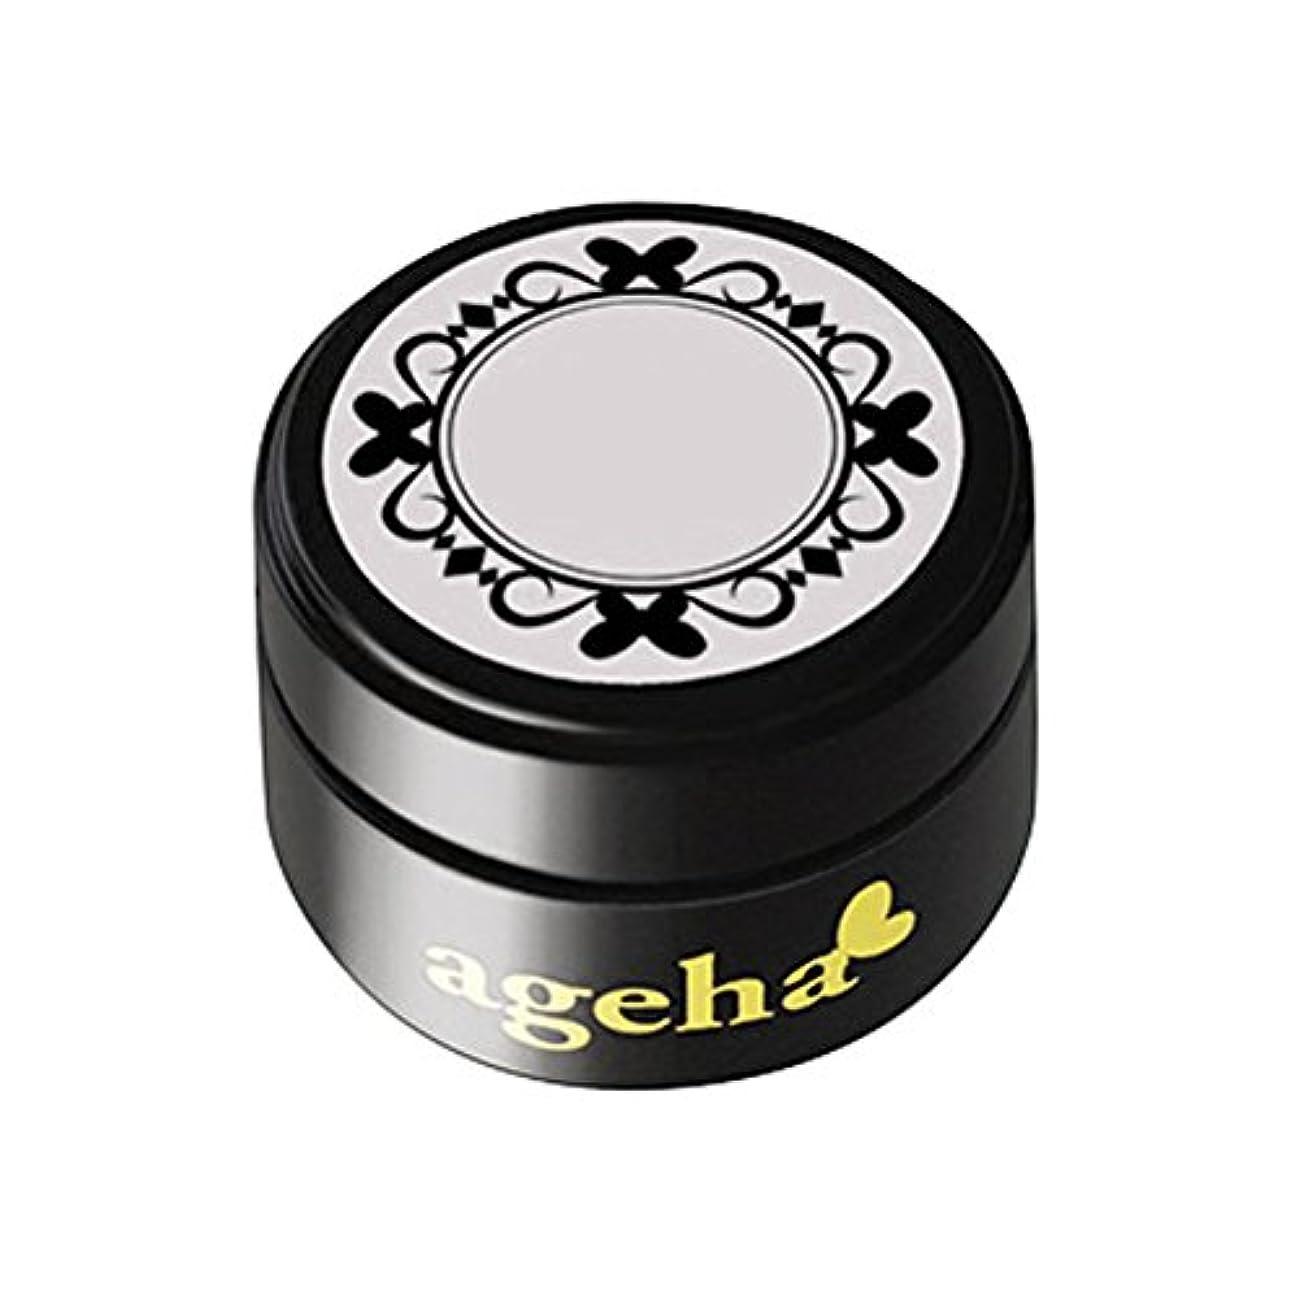 外交官大宇宙接触ageha gel カラージェル コスメカラー 115 マーベラス 2.7g UV/LED対応